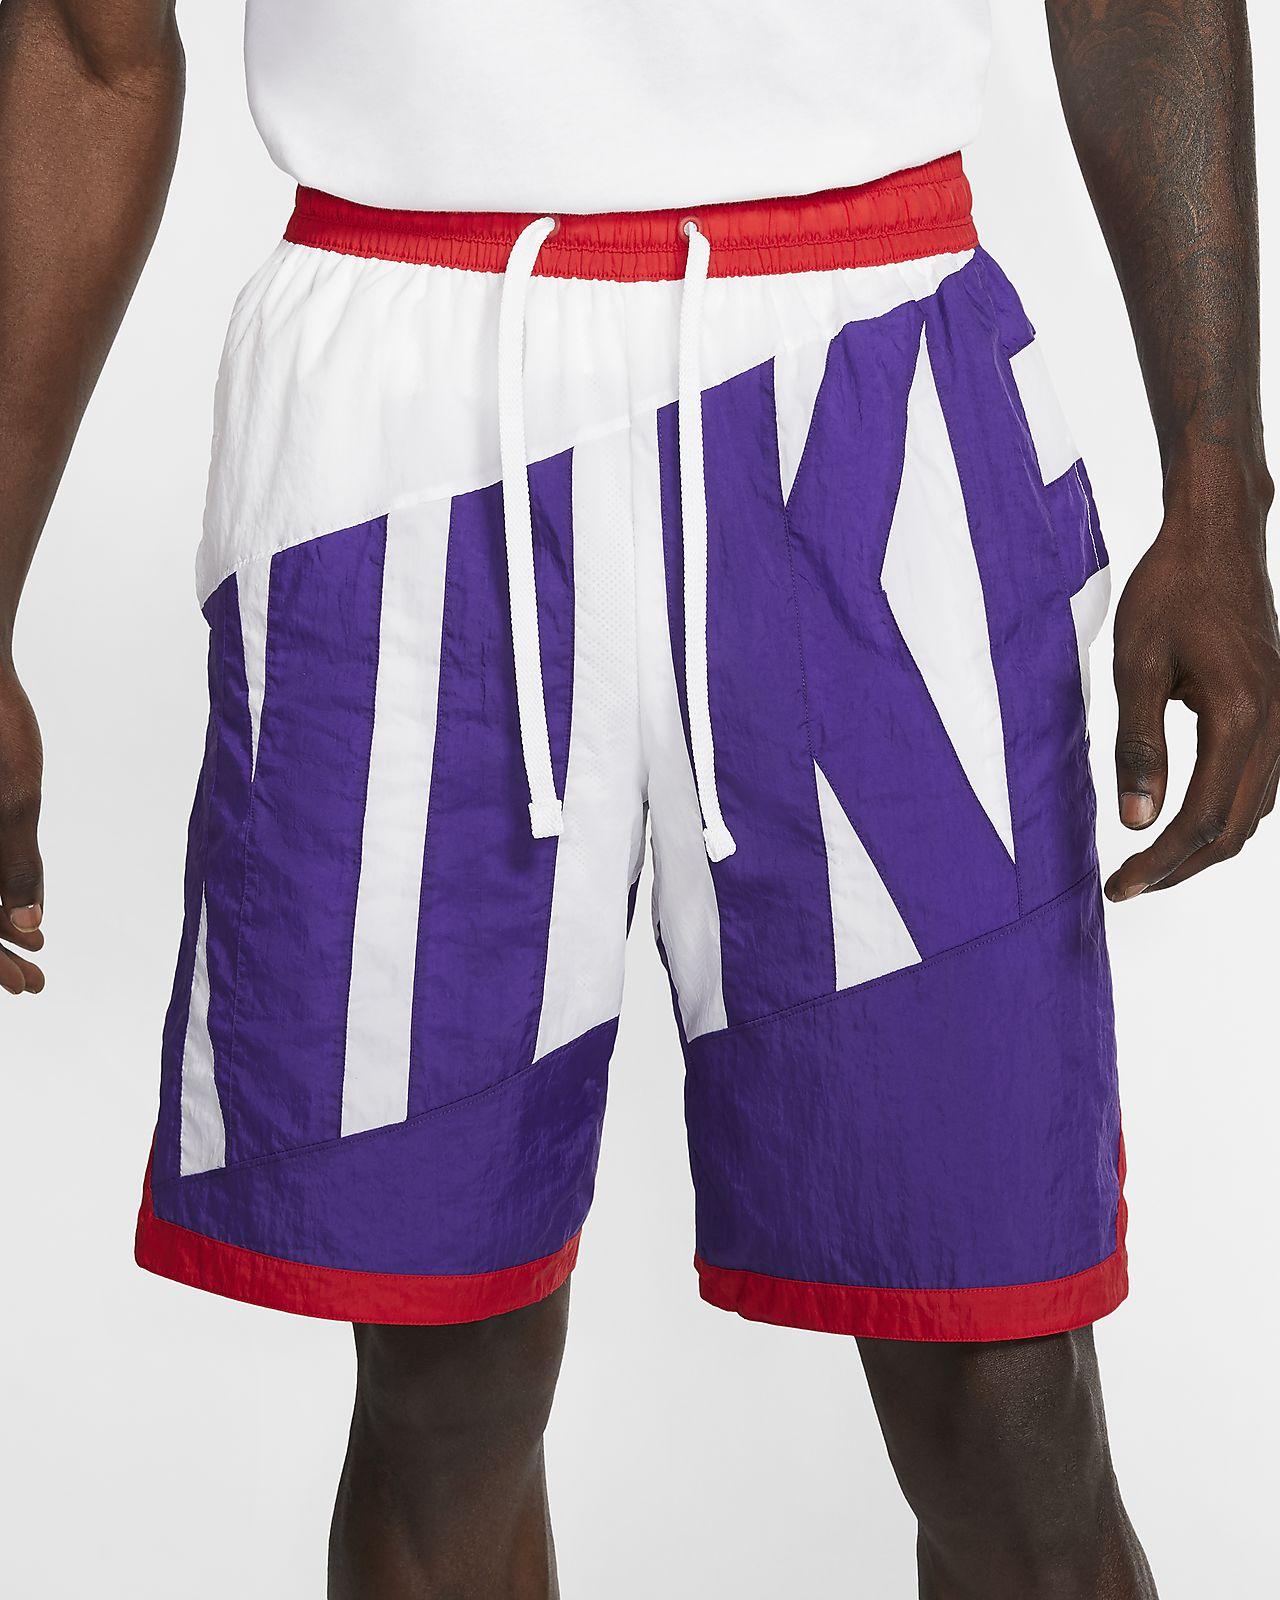 Shorts da basket Nike Dri-FIT Throwback